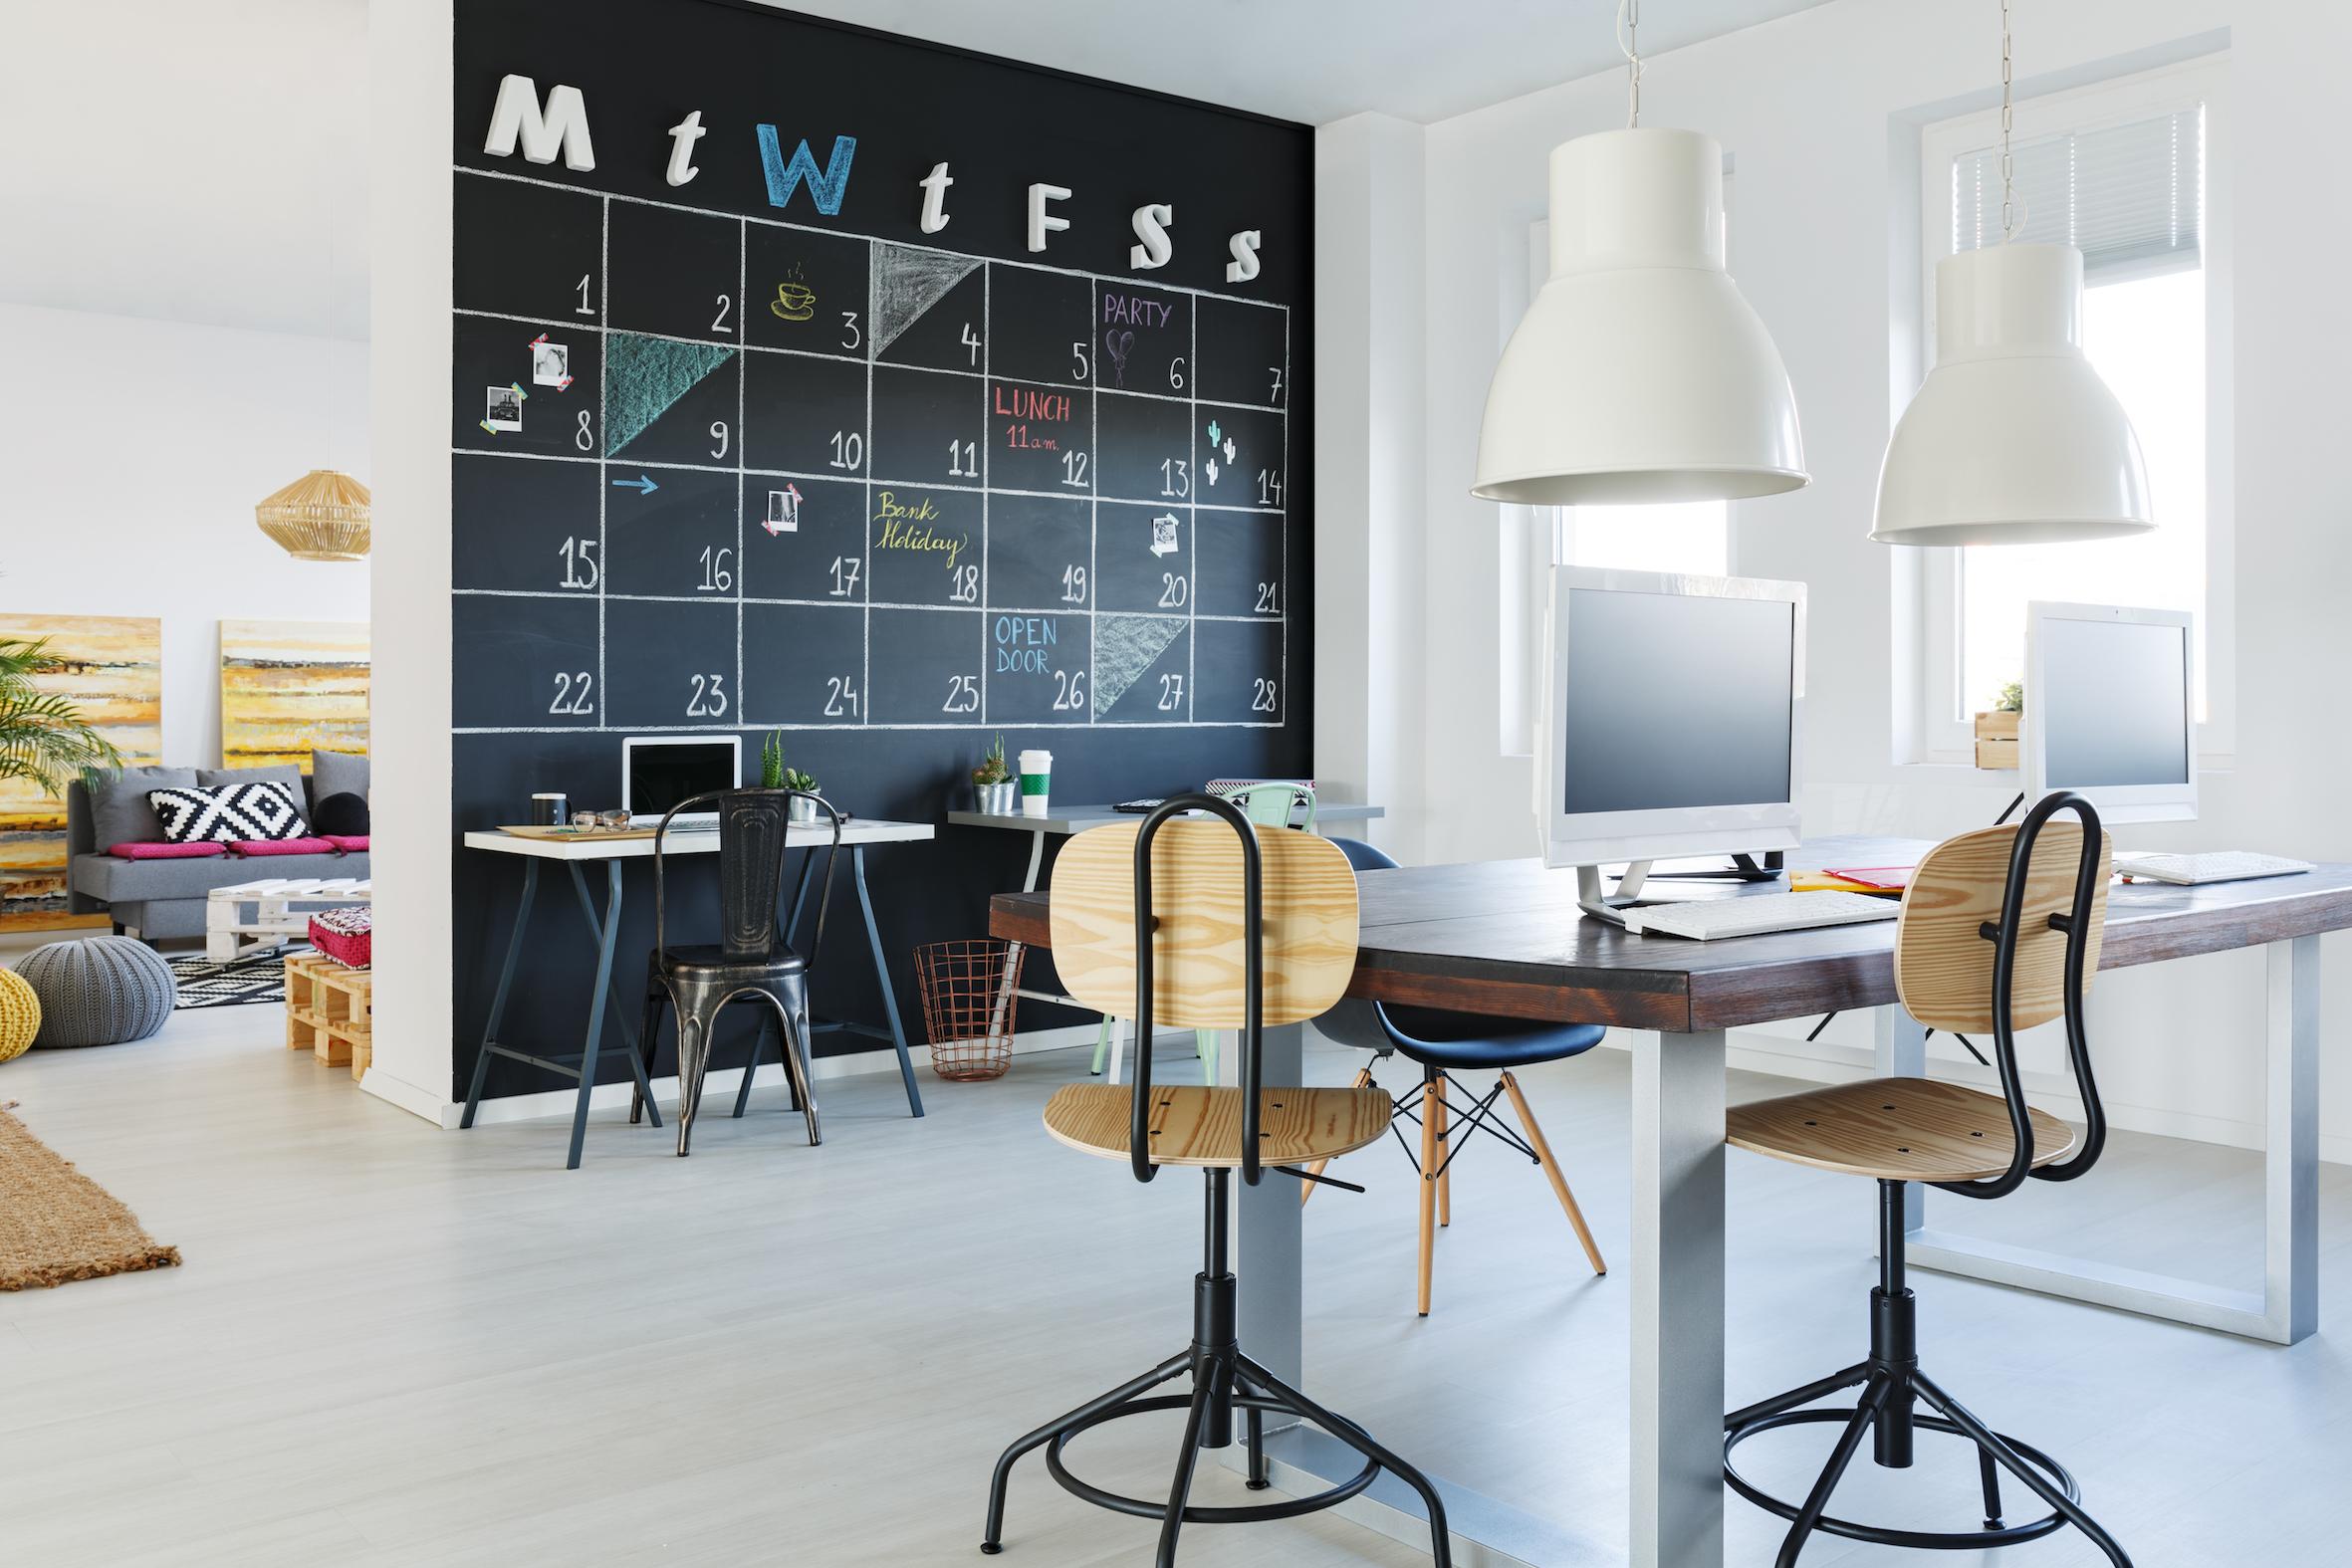 Envy enducing workspaces